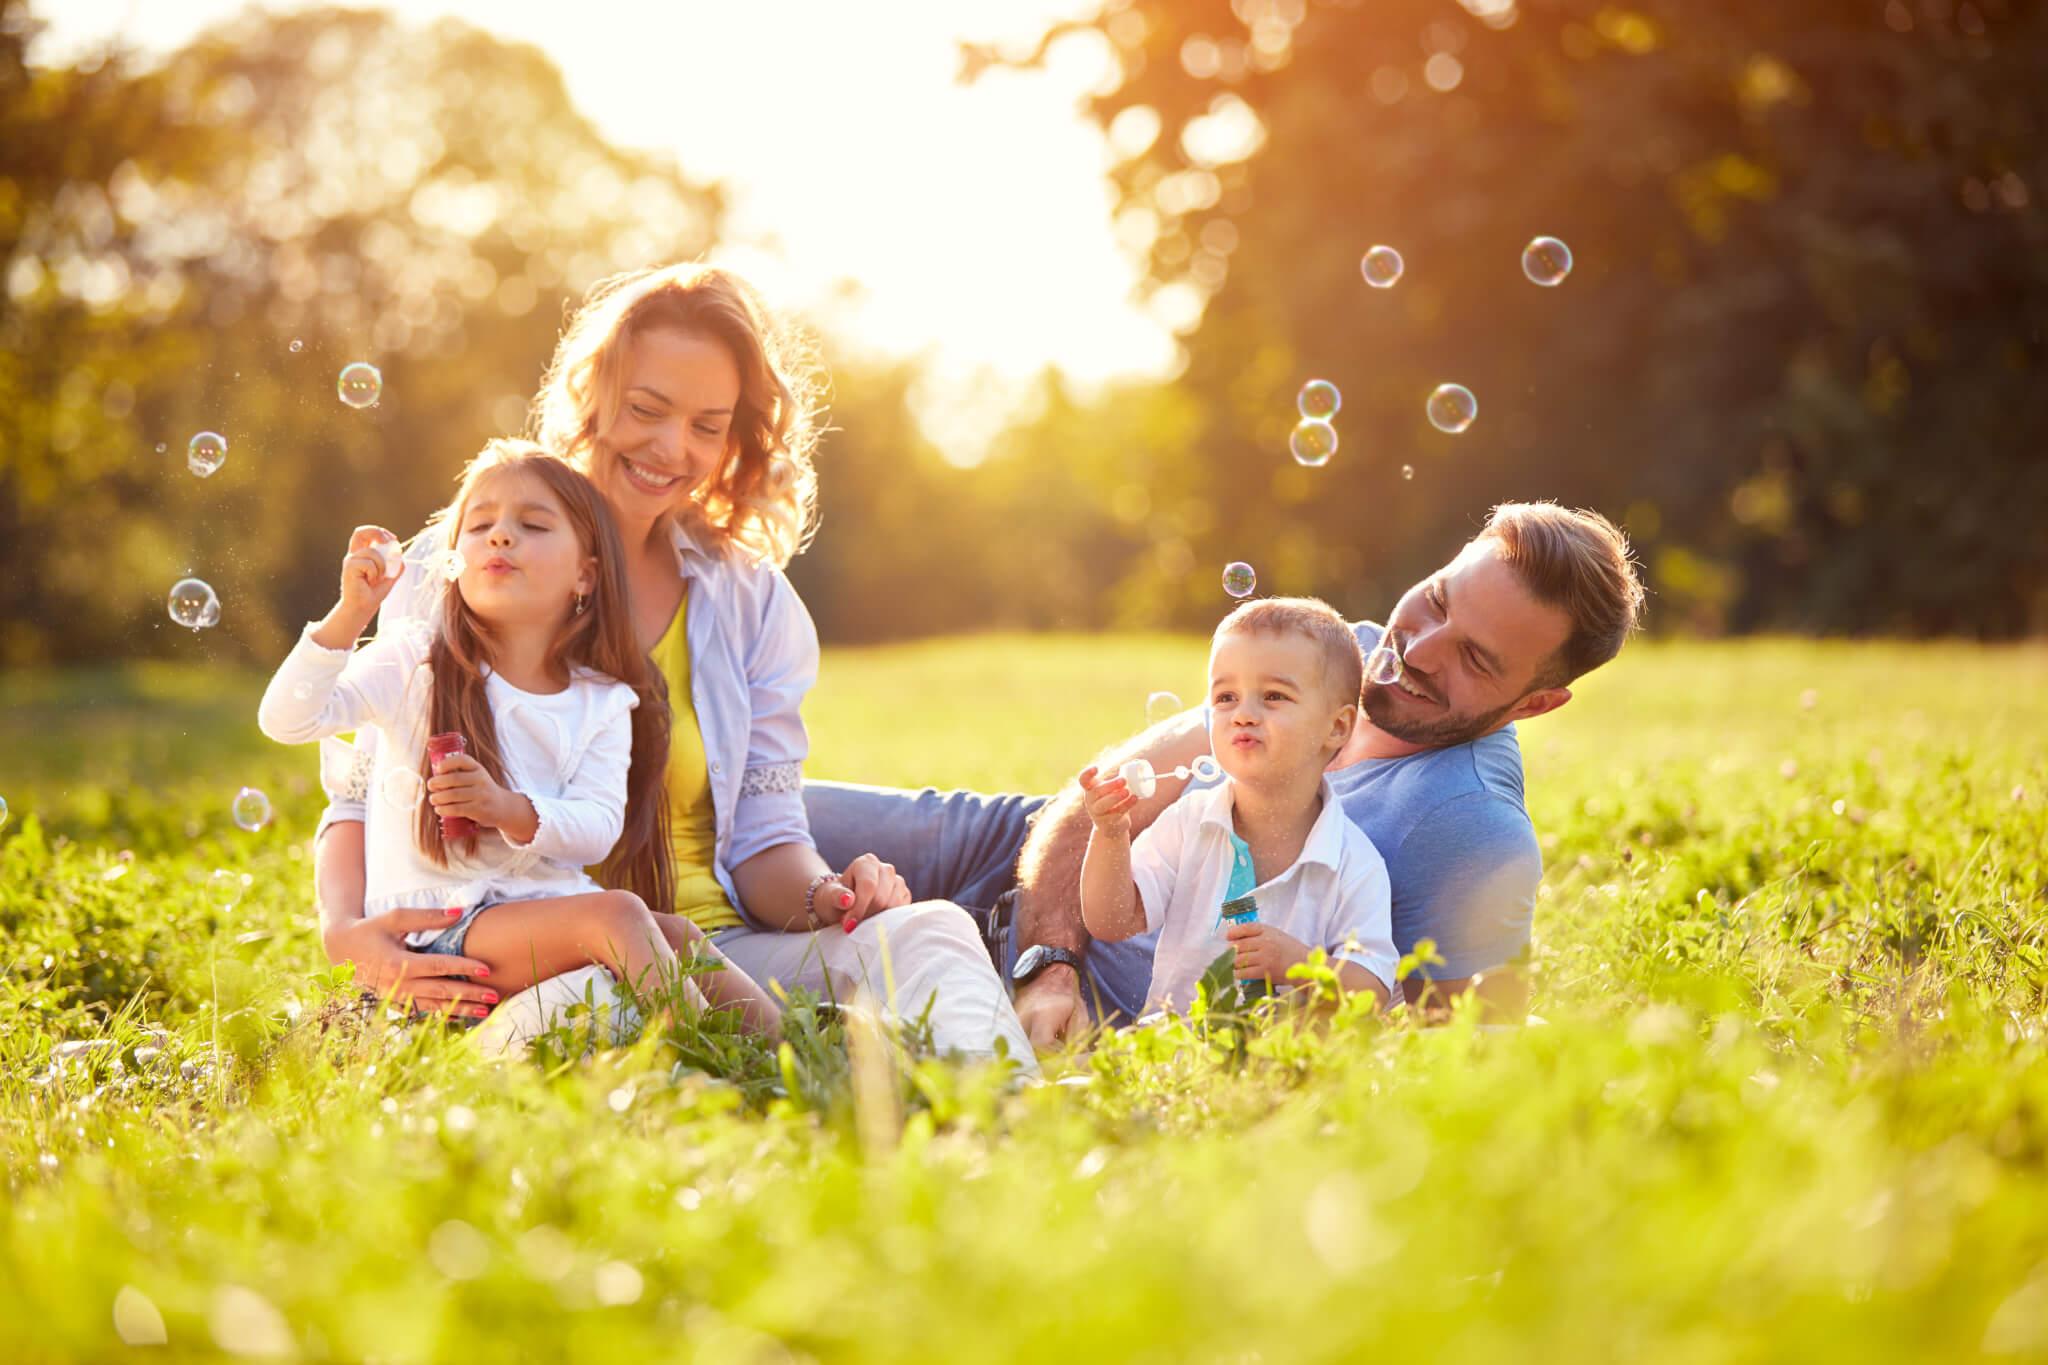 Junge glückliche Familie im Park.